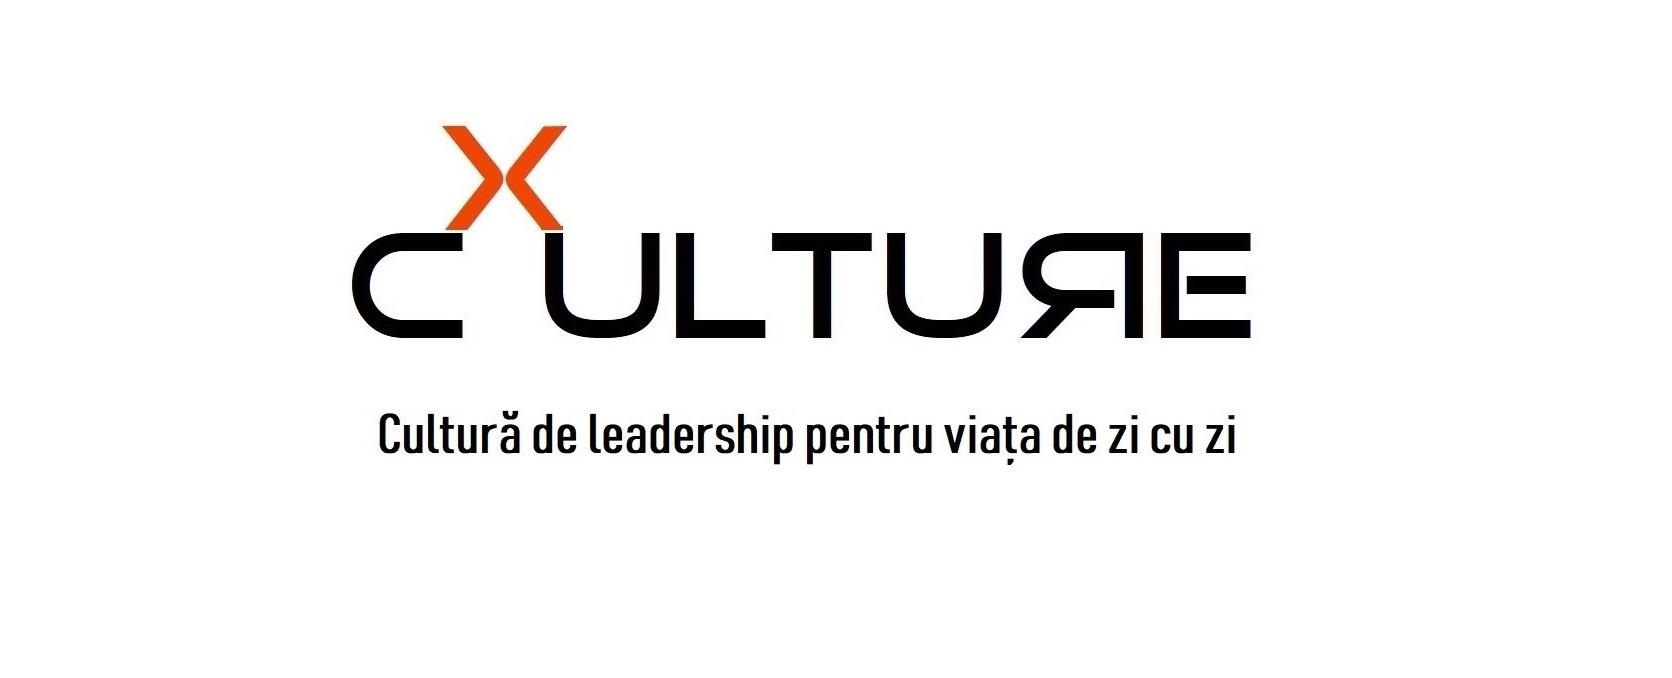 cultura-rezilientei-leadership-pentru-viata